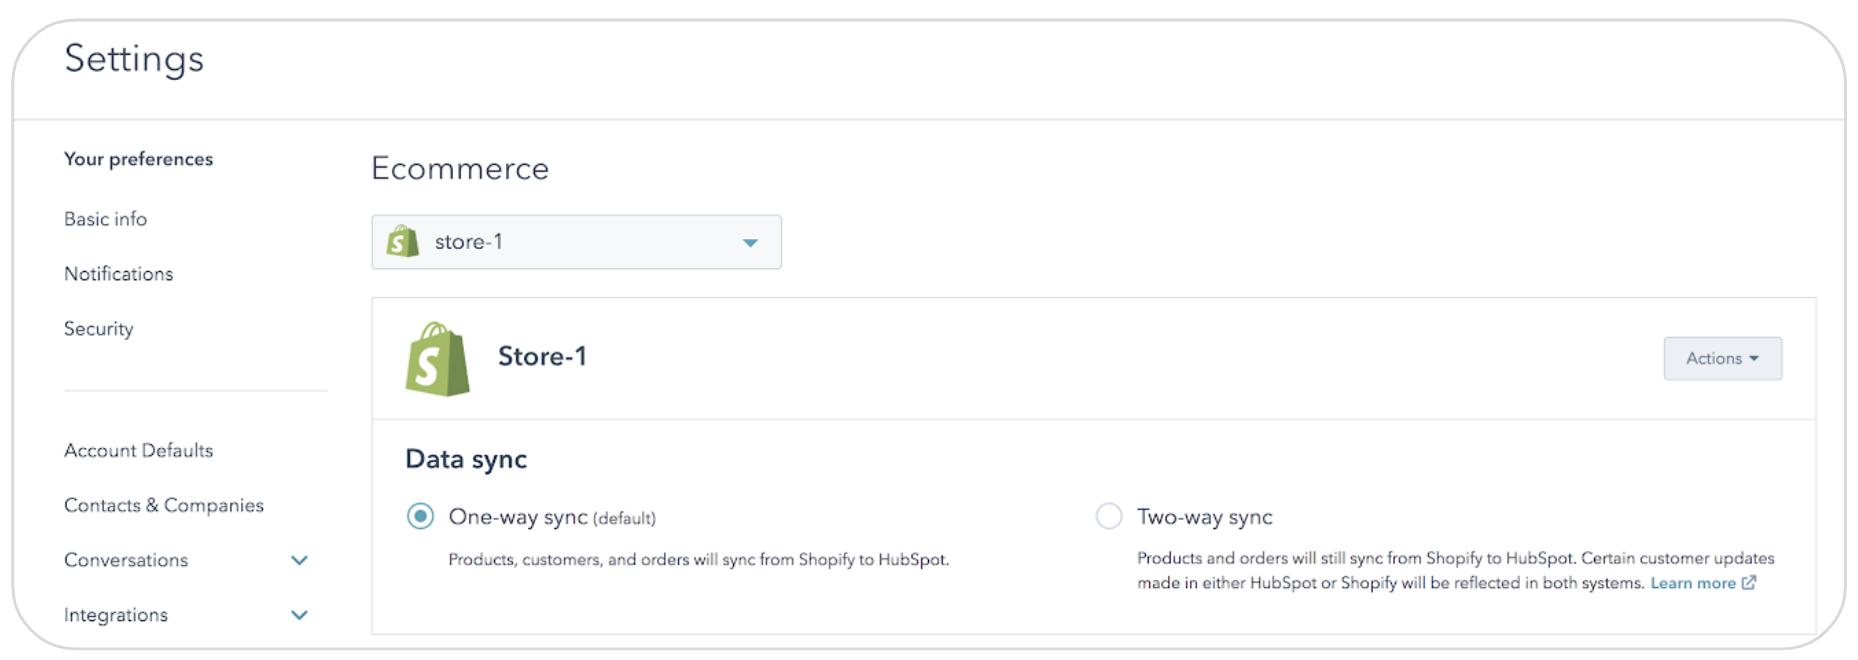 Wechselseitige Kontakt-Synchronisation zwischen HubSpot und Shopify